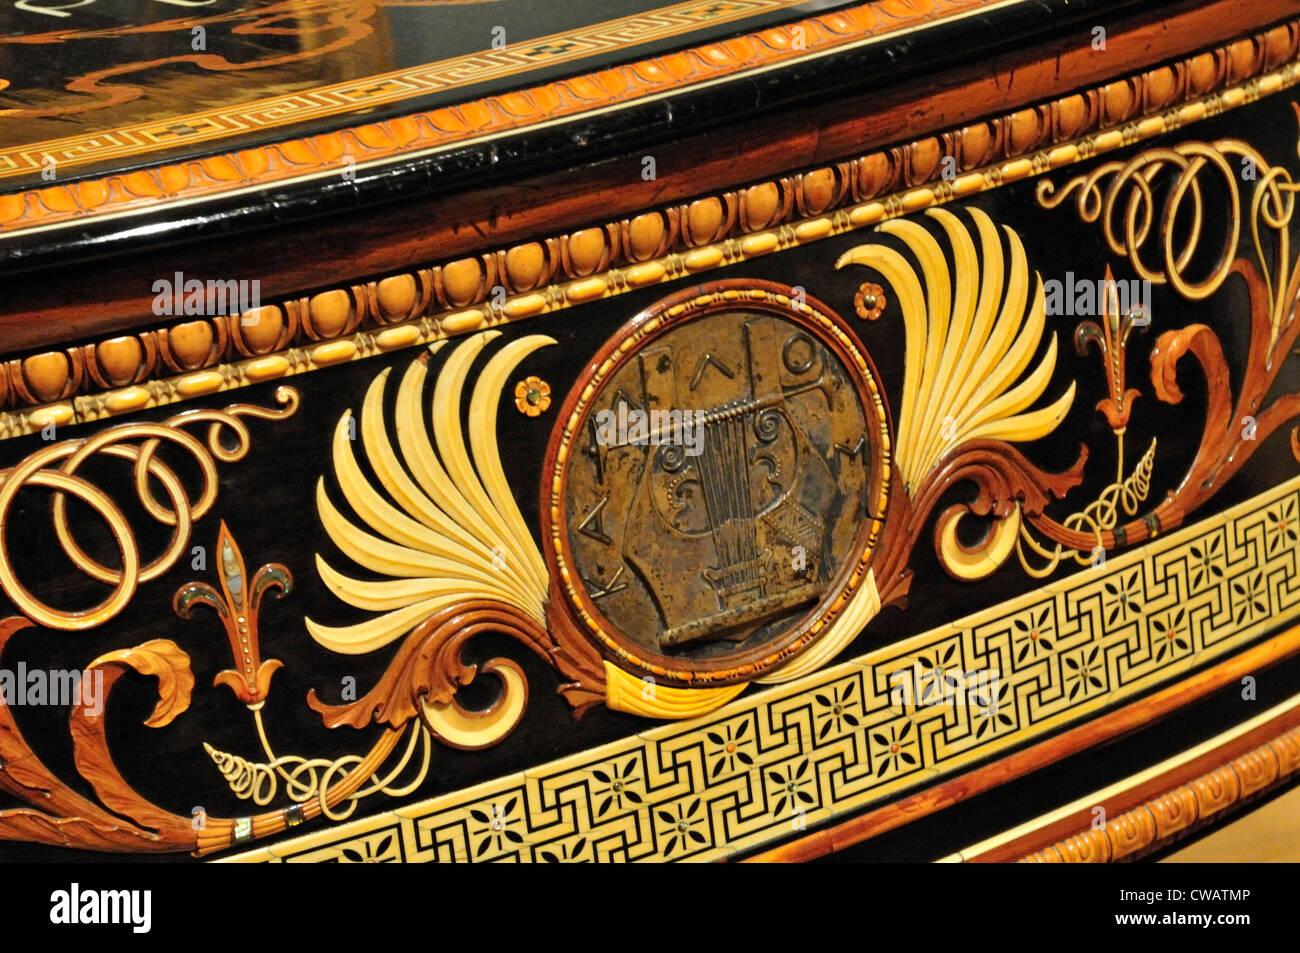 Decorative sezione anteriore del grand pianoforte e coppia di